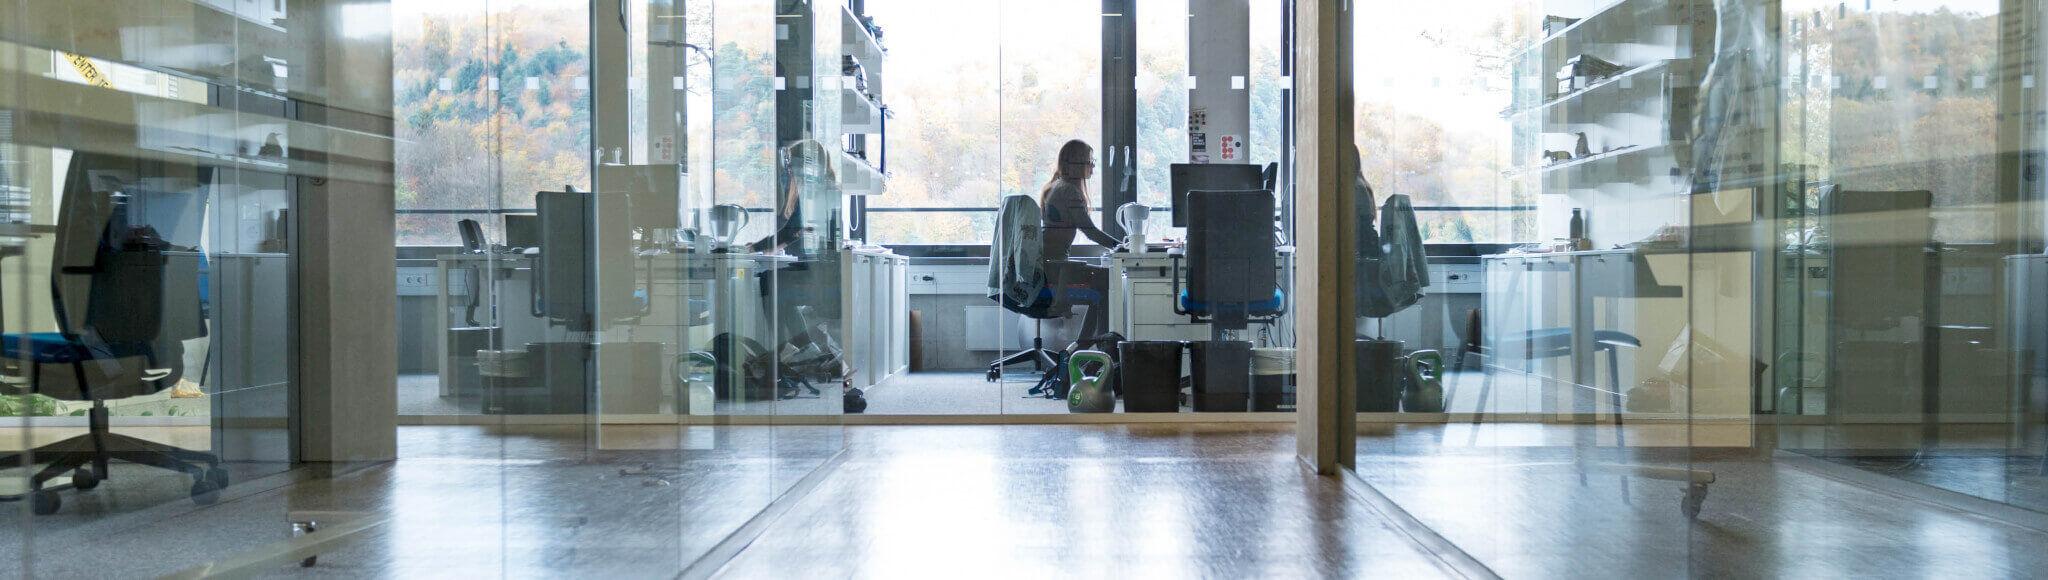 Headerbild Über-Uns-Seite: Die lichtgefluteten Büros an unserem Informatik Standort